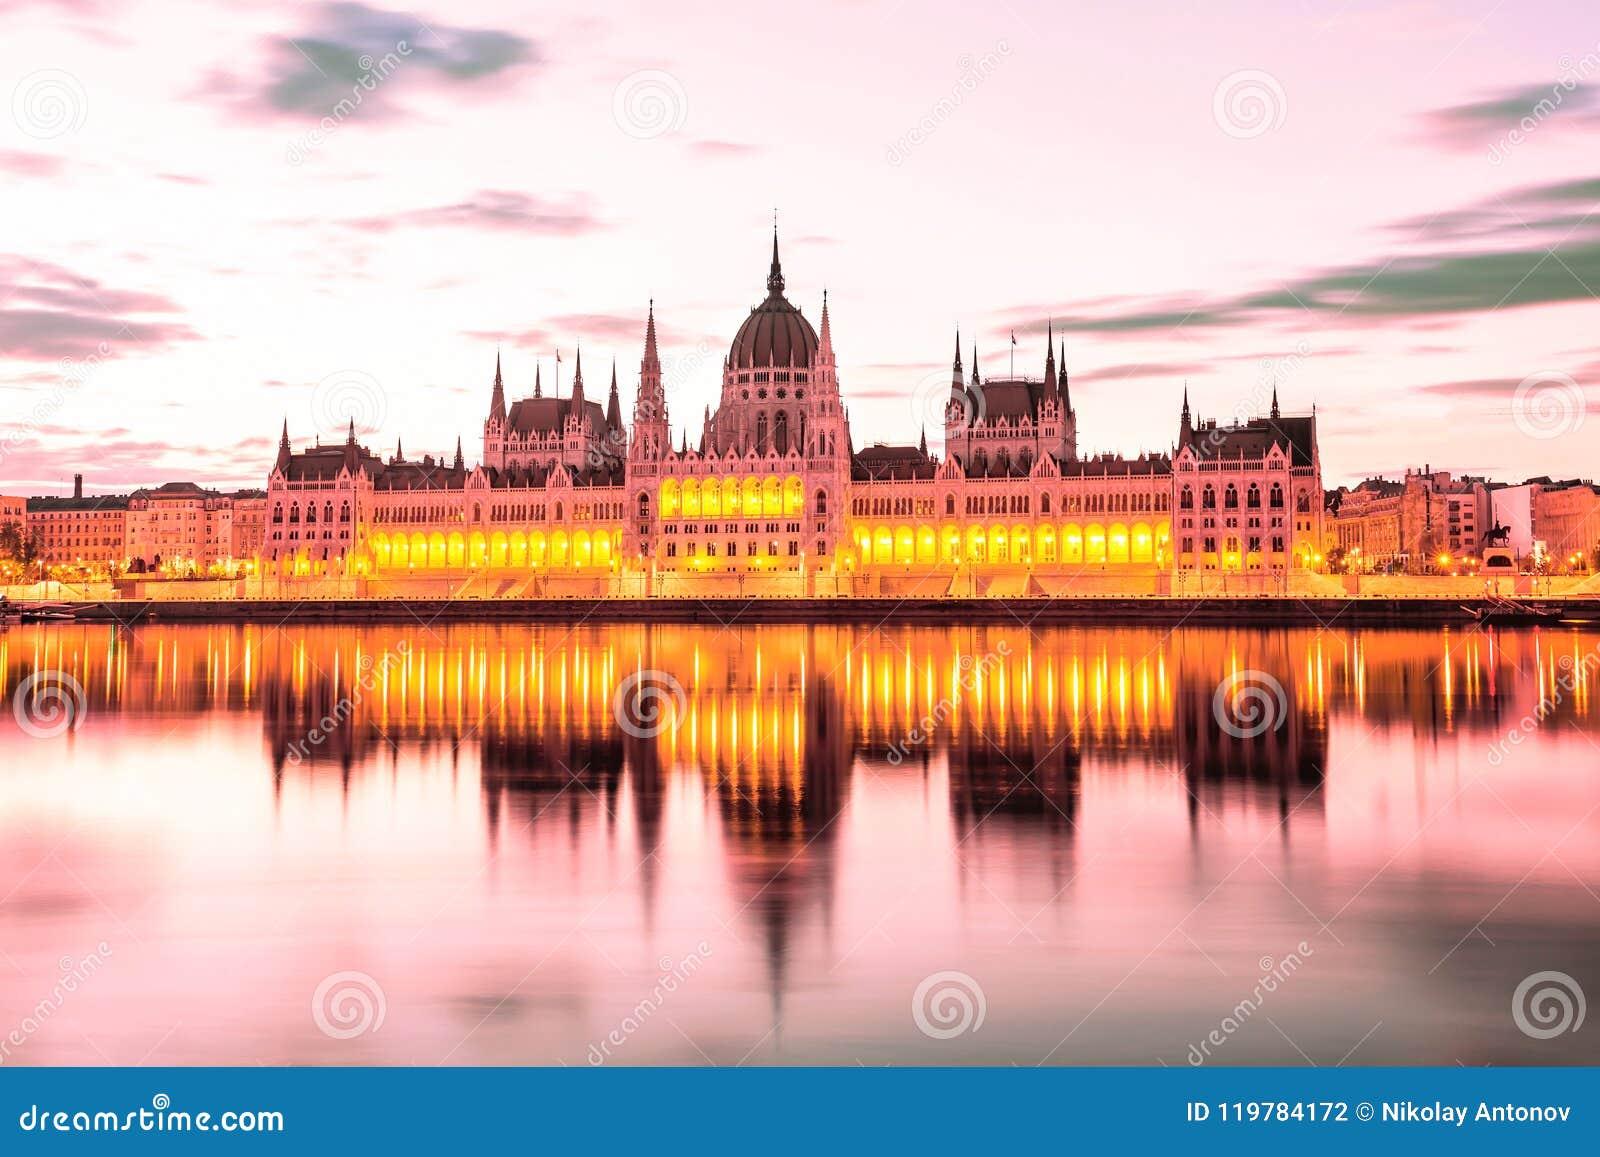 Il Parlamento e riva del fiume a Budapest Ungheria durante l alba Punto di riferimento famoso a Budapest